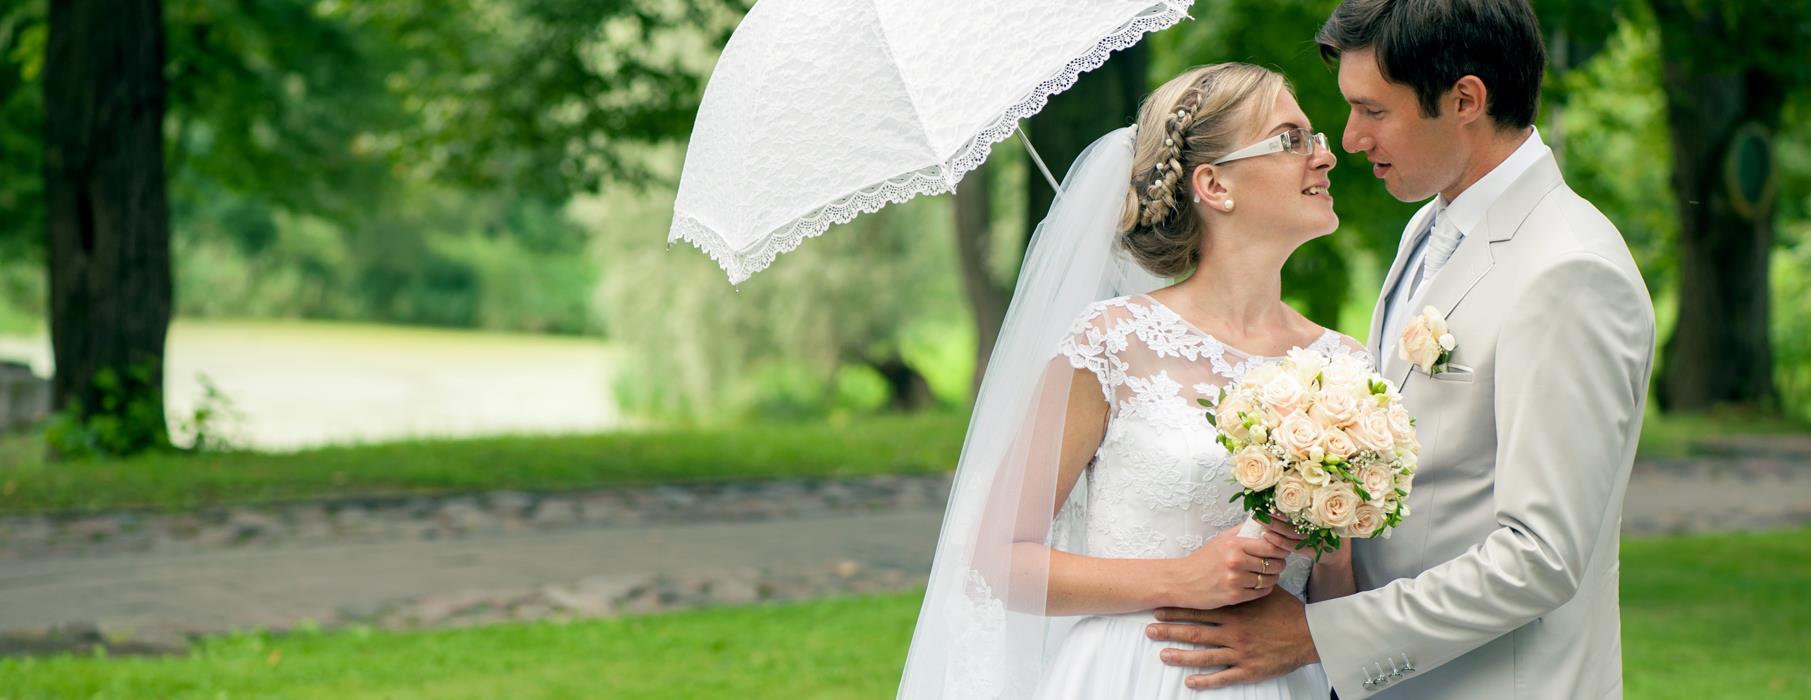 1192202b018b Resta aggiornata sugli abiti da sposa e sul mondo del matrimonio